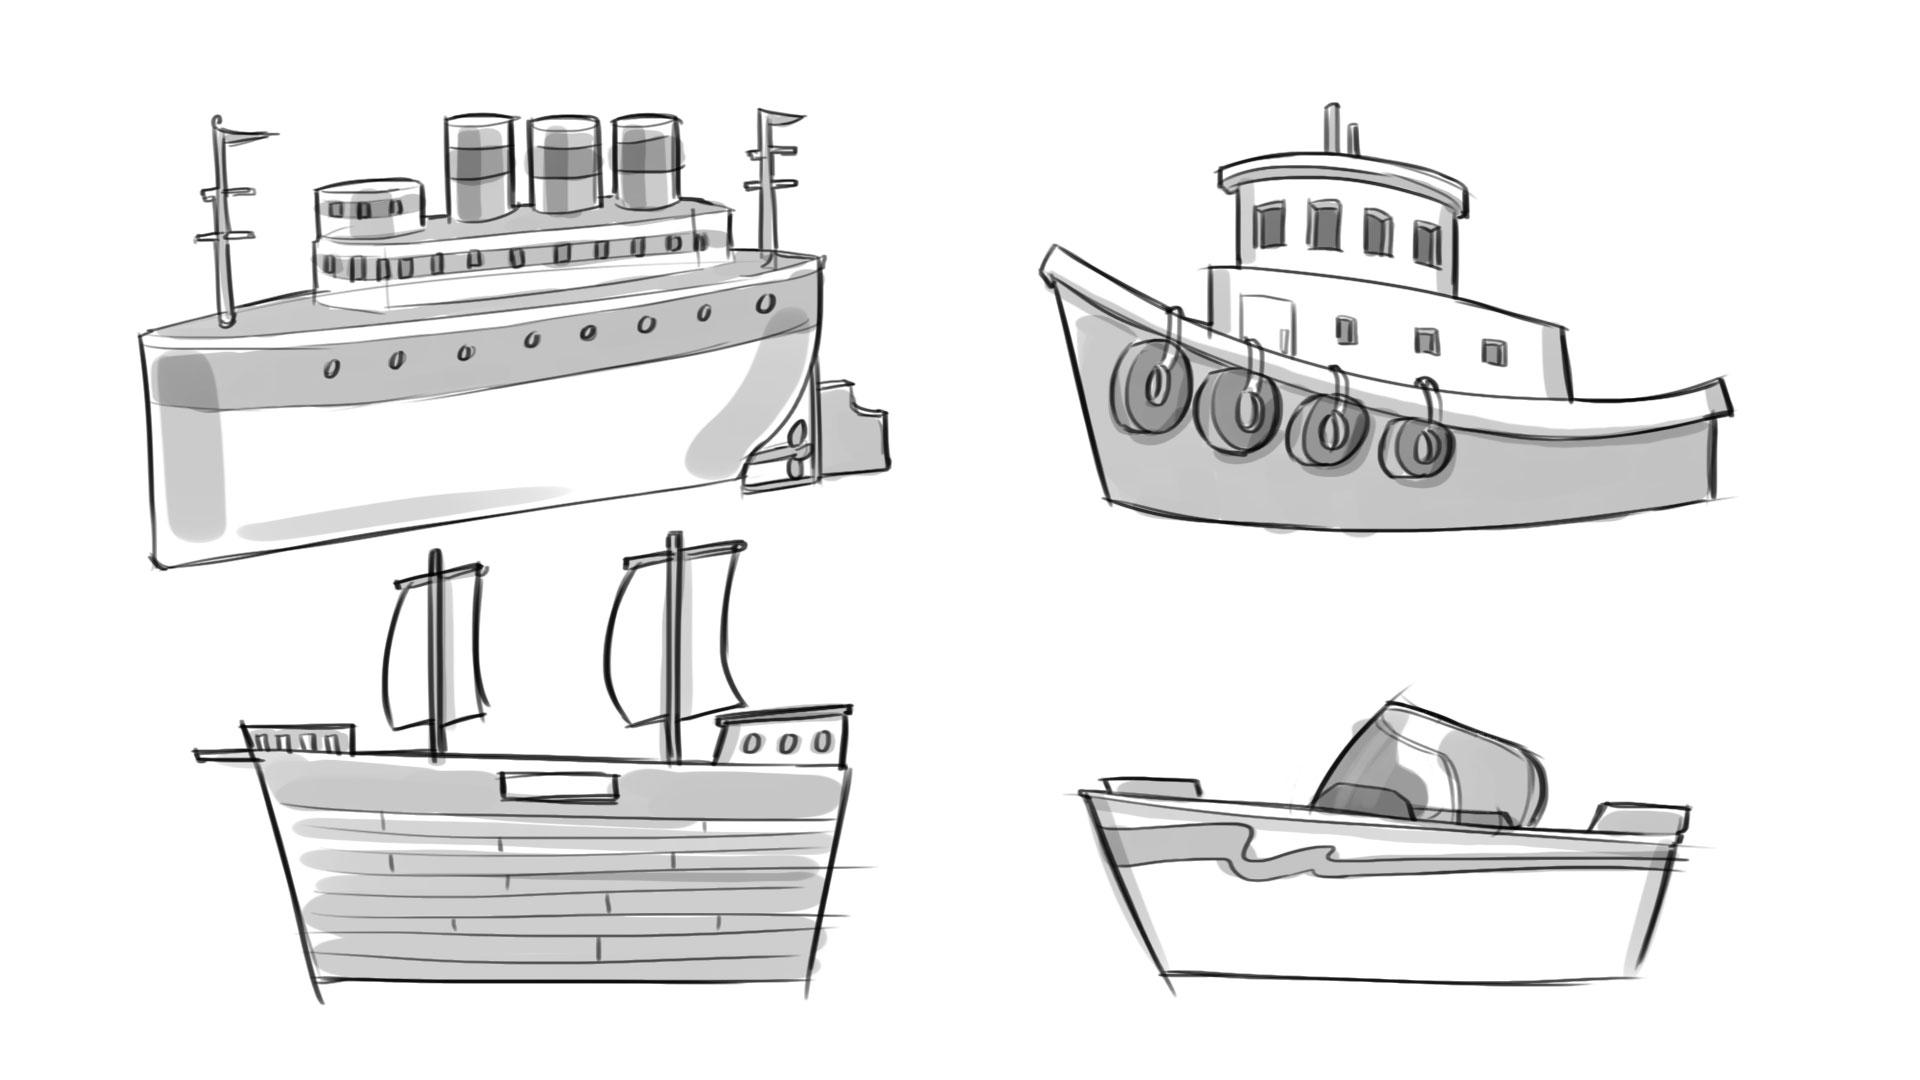 Google_boat_03.jpg